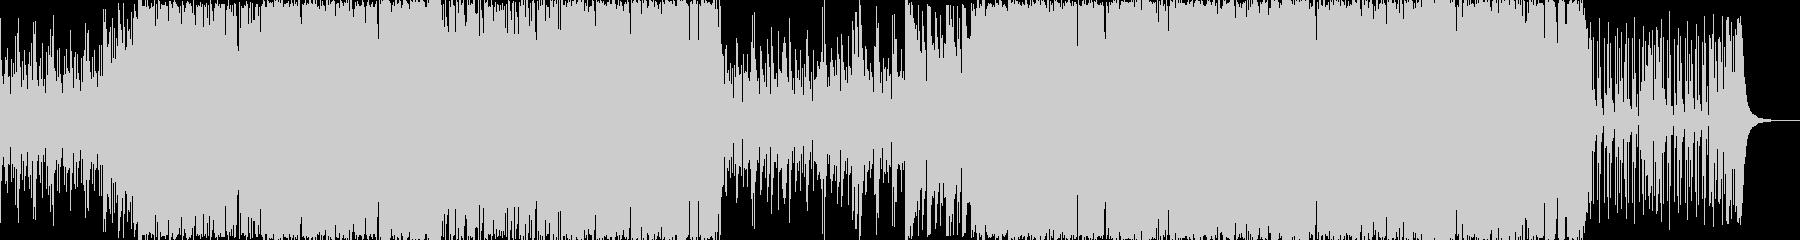 明るめ ポップス ピアノ トランペットの未再生の波形